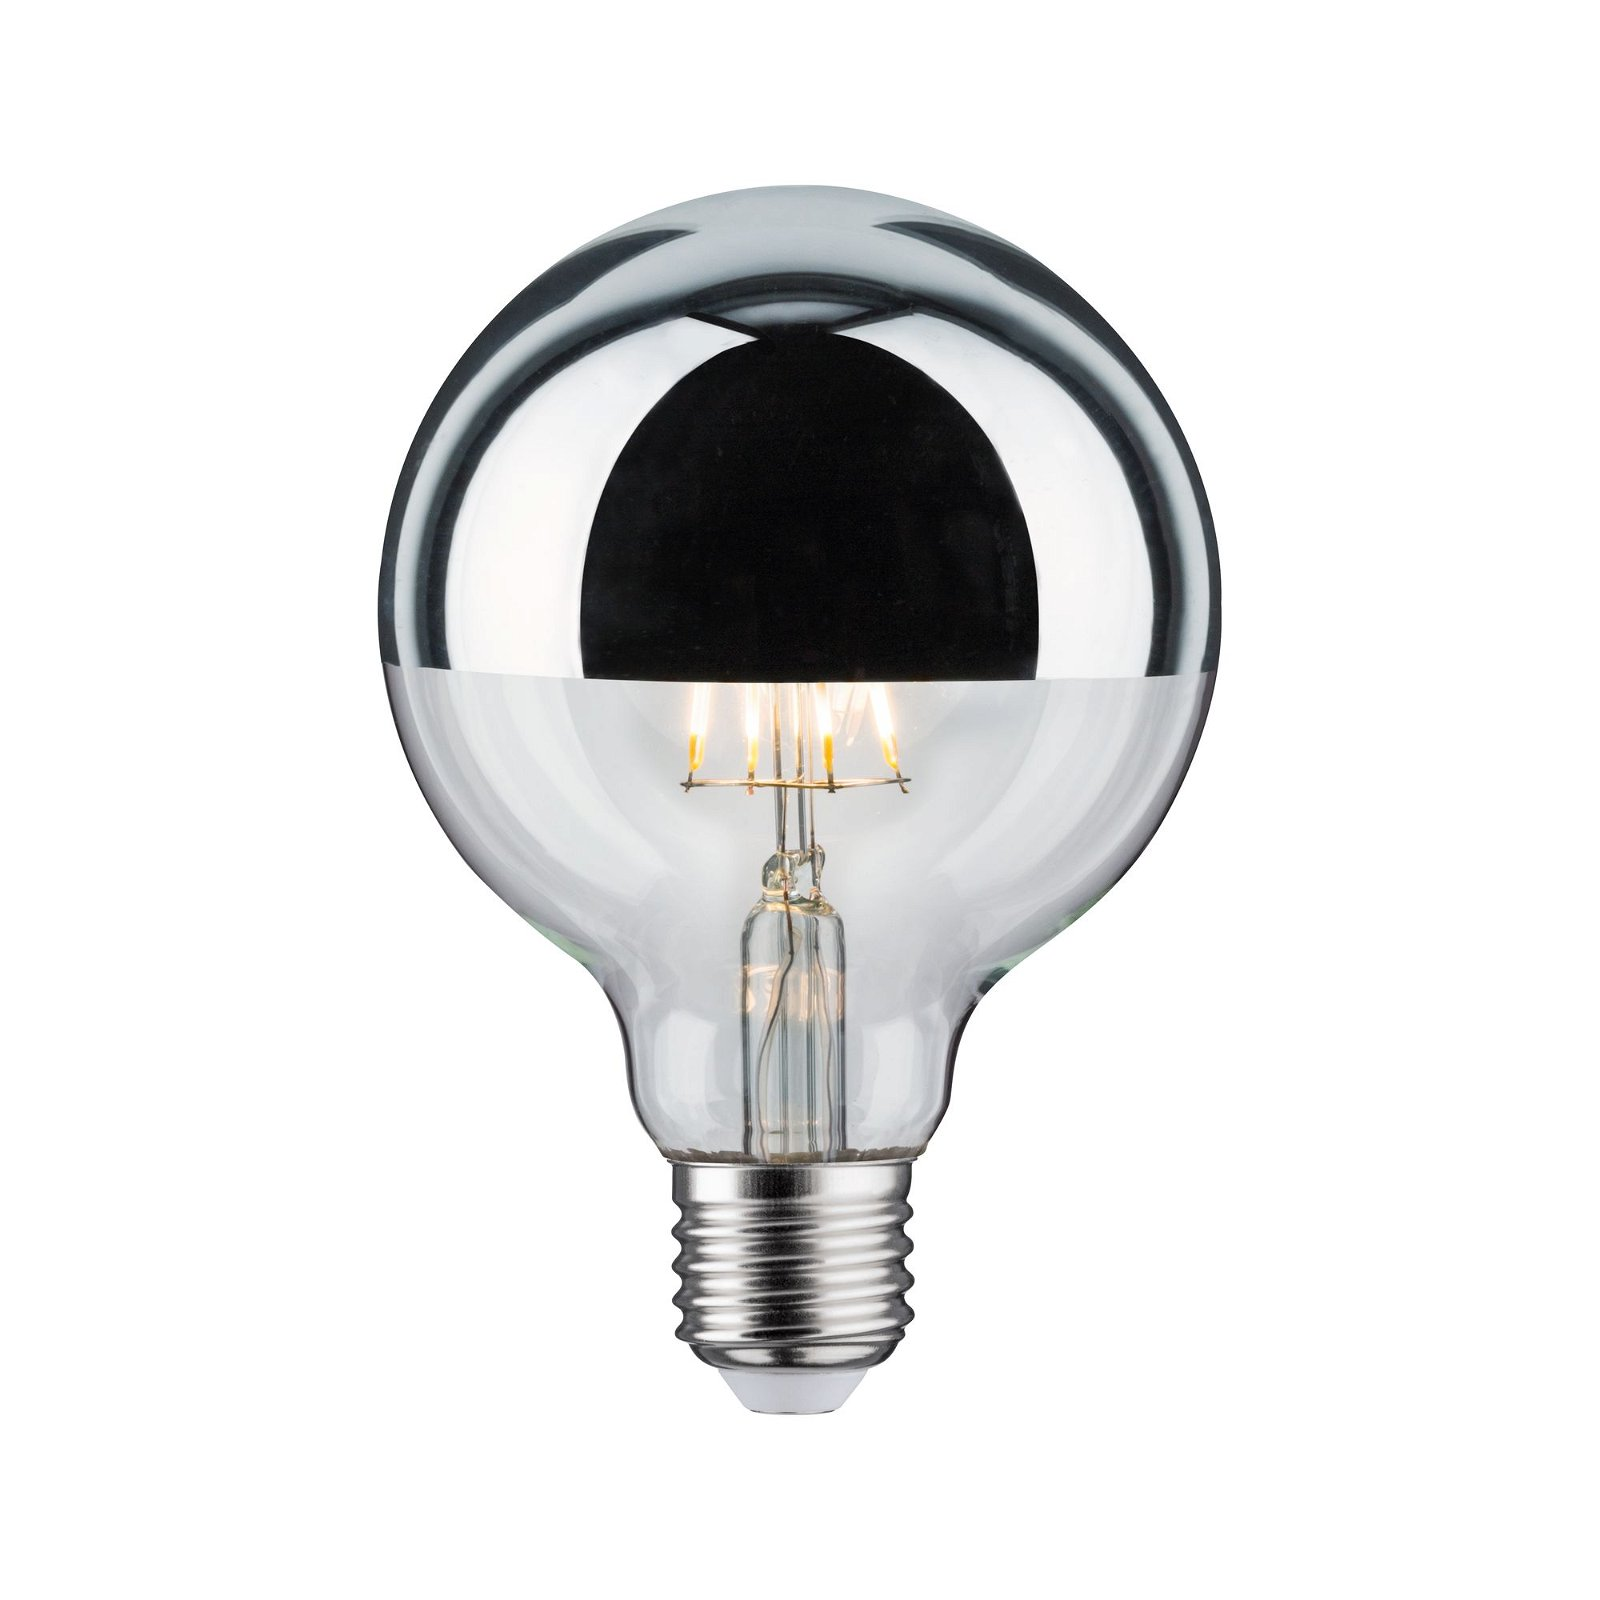 Modern Classic Edition LED Globe Kopspiegel E27 230V 580lm 4,8W 2700K Kopspiegel zilver